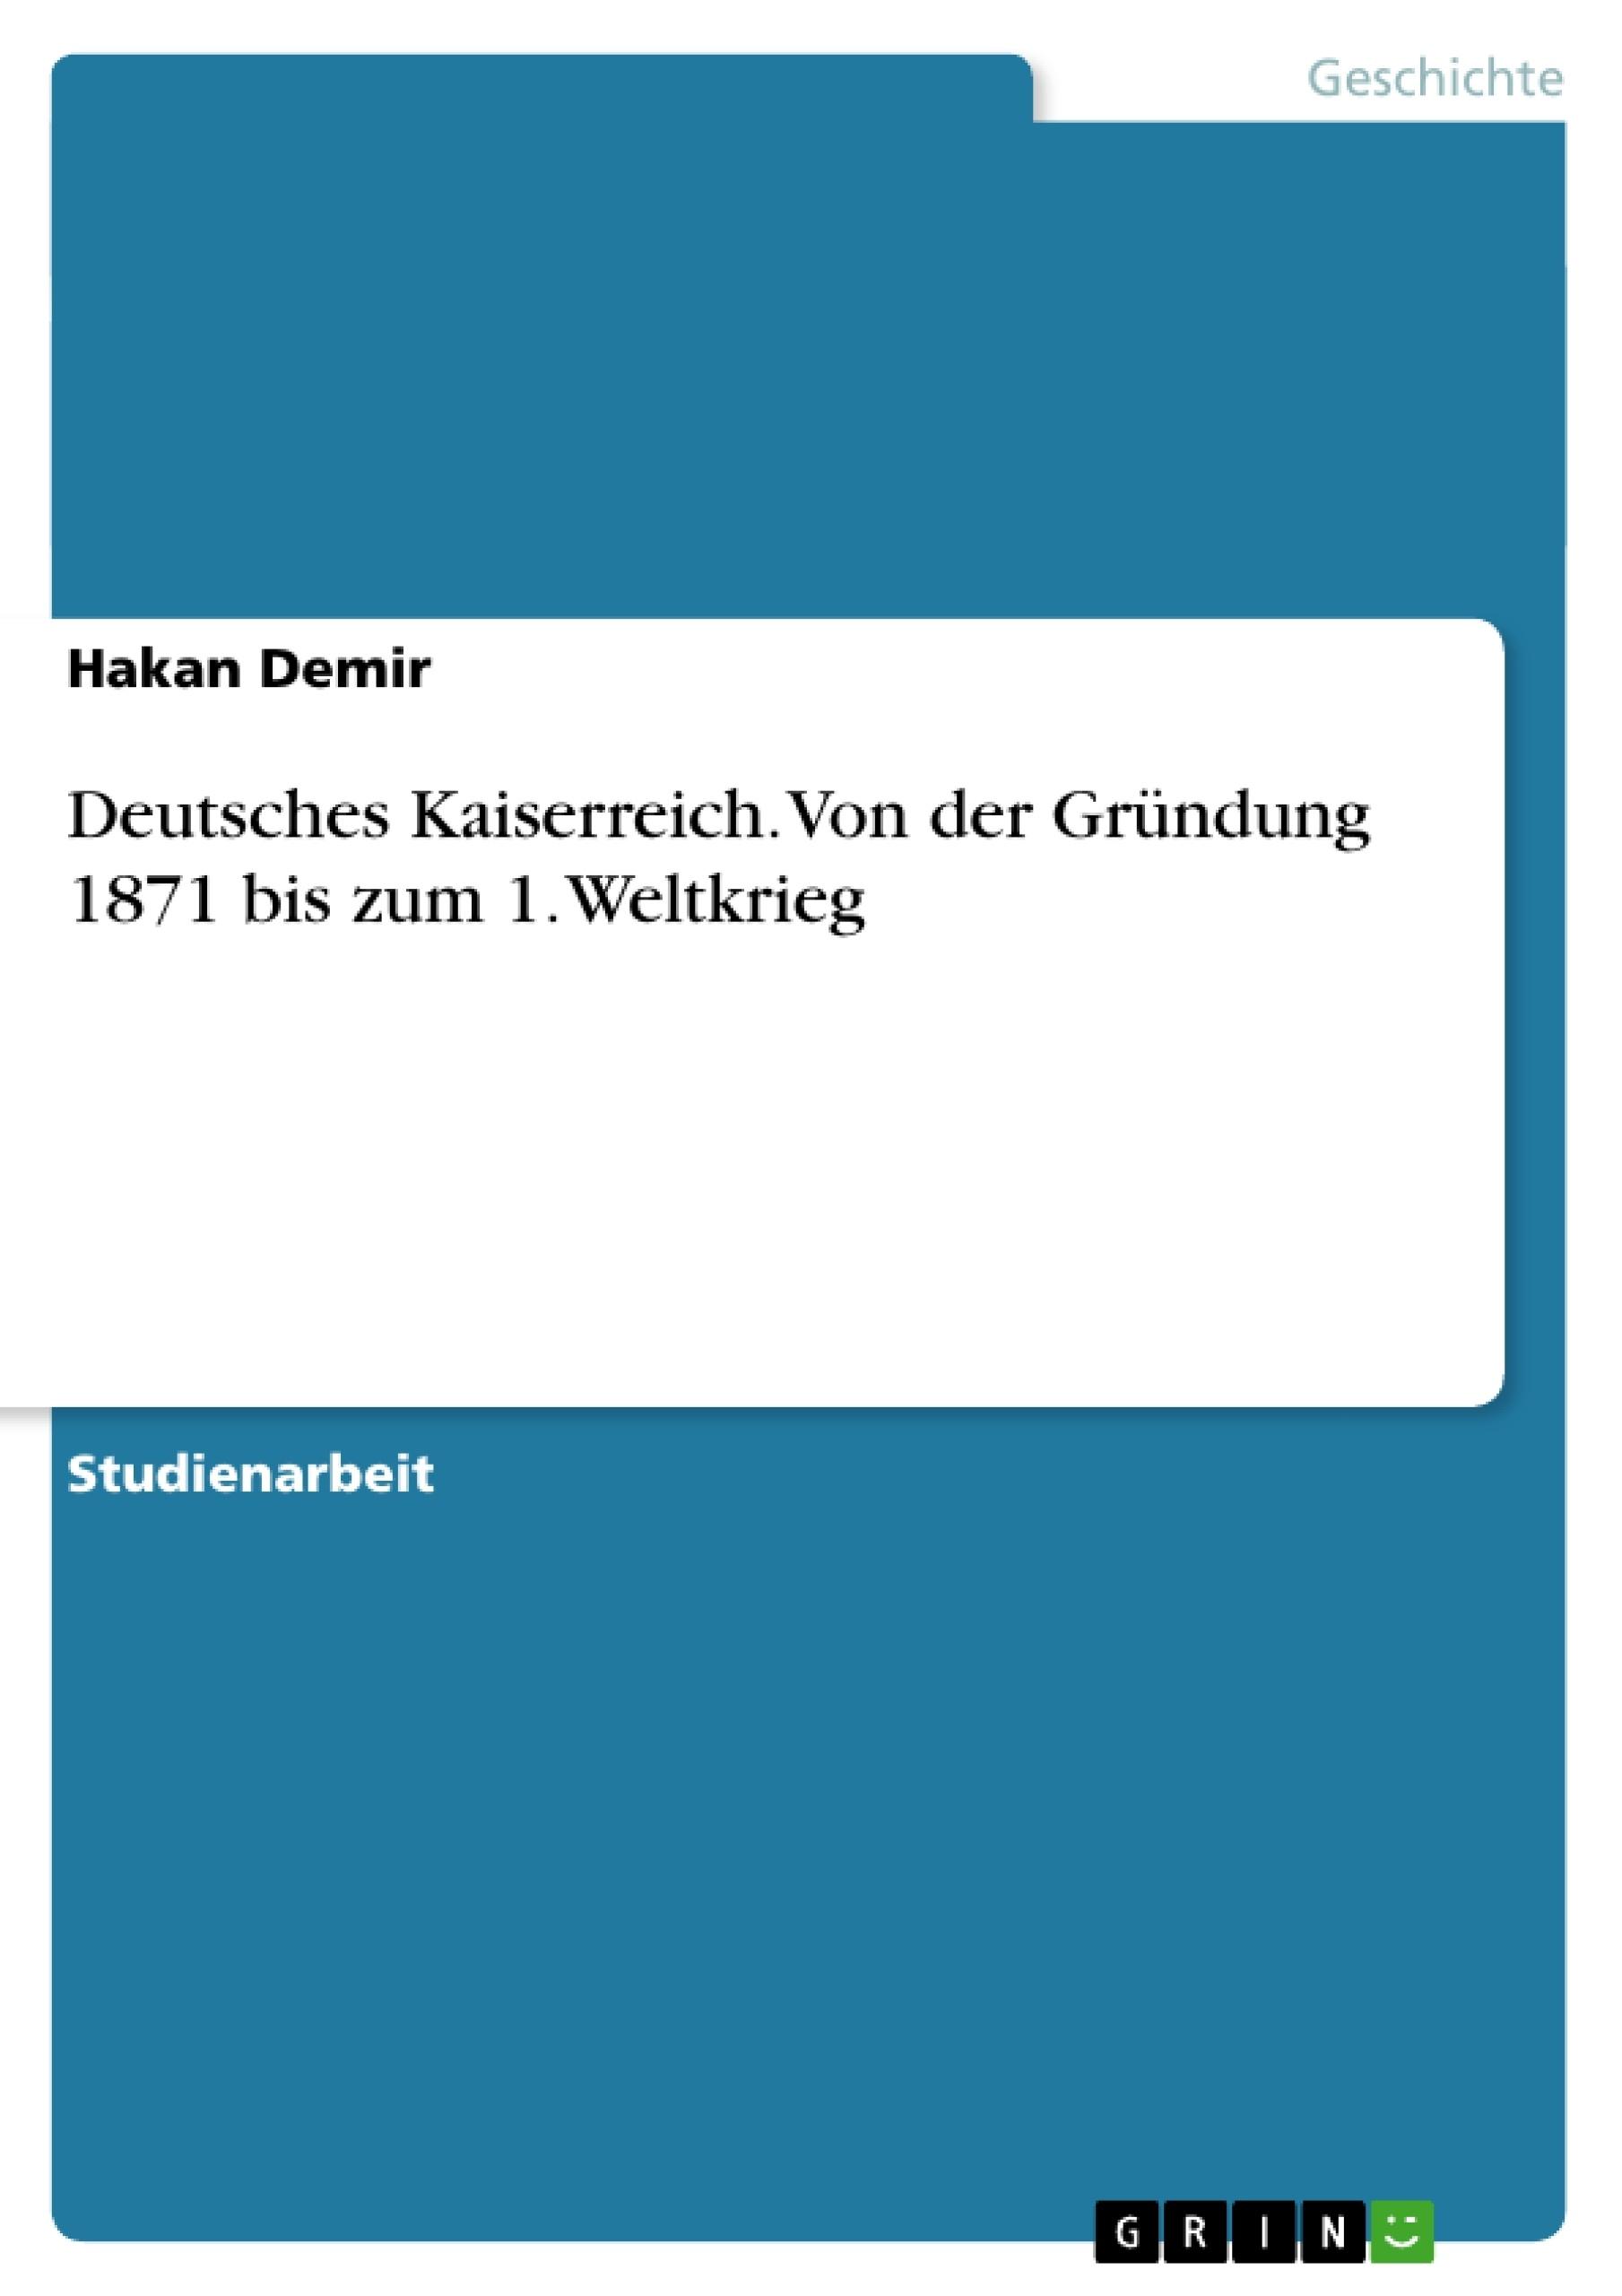 Titel: Deutsches Kaiserreich. Von der Gründung 1871 bis zum 1. Weltkrieg